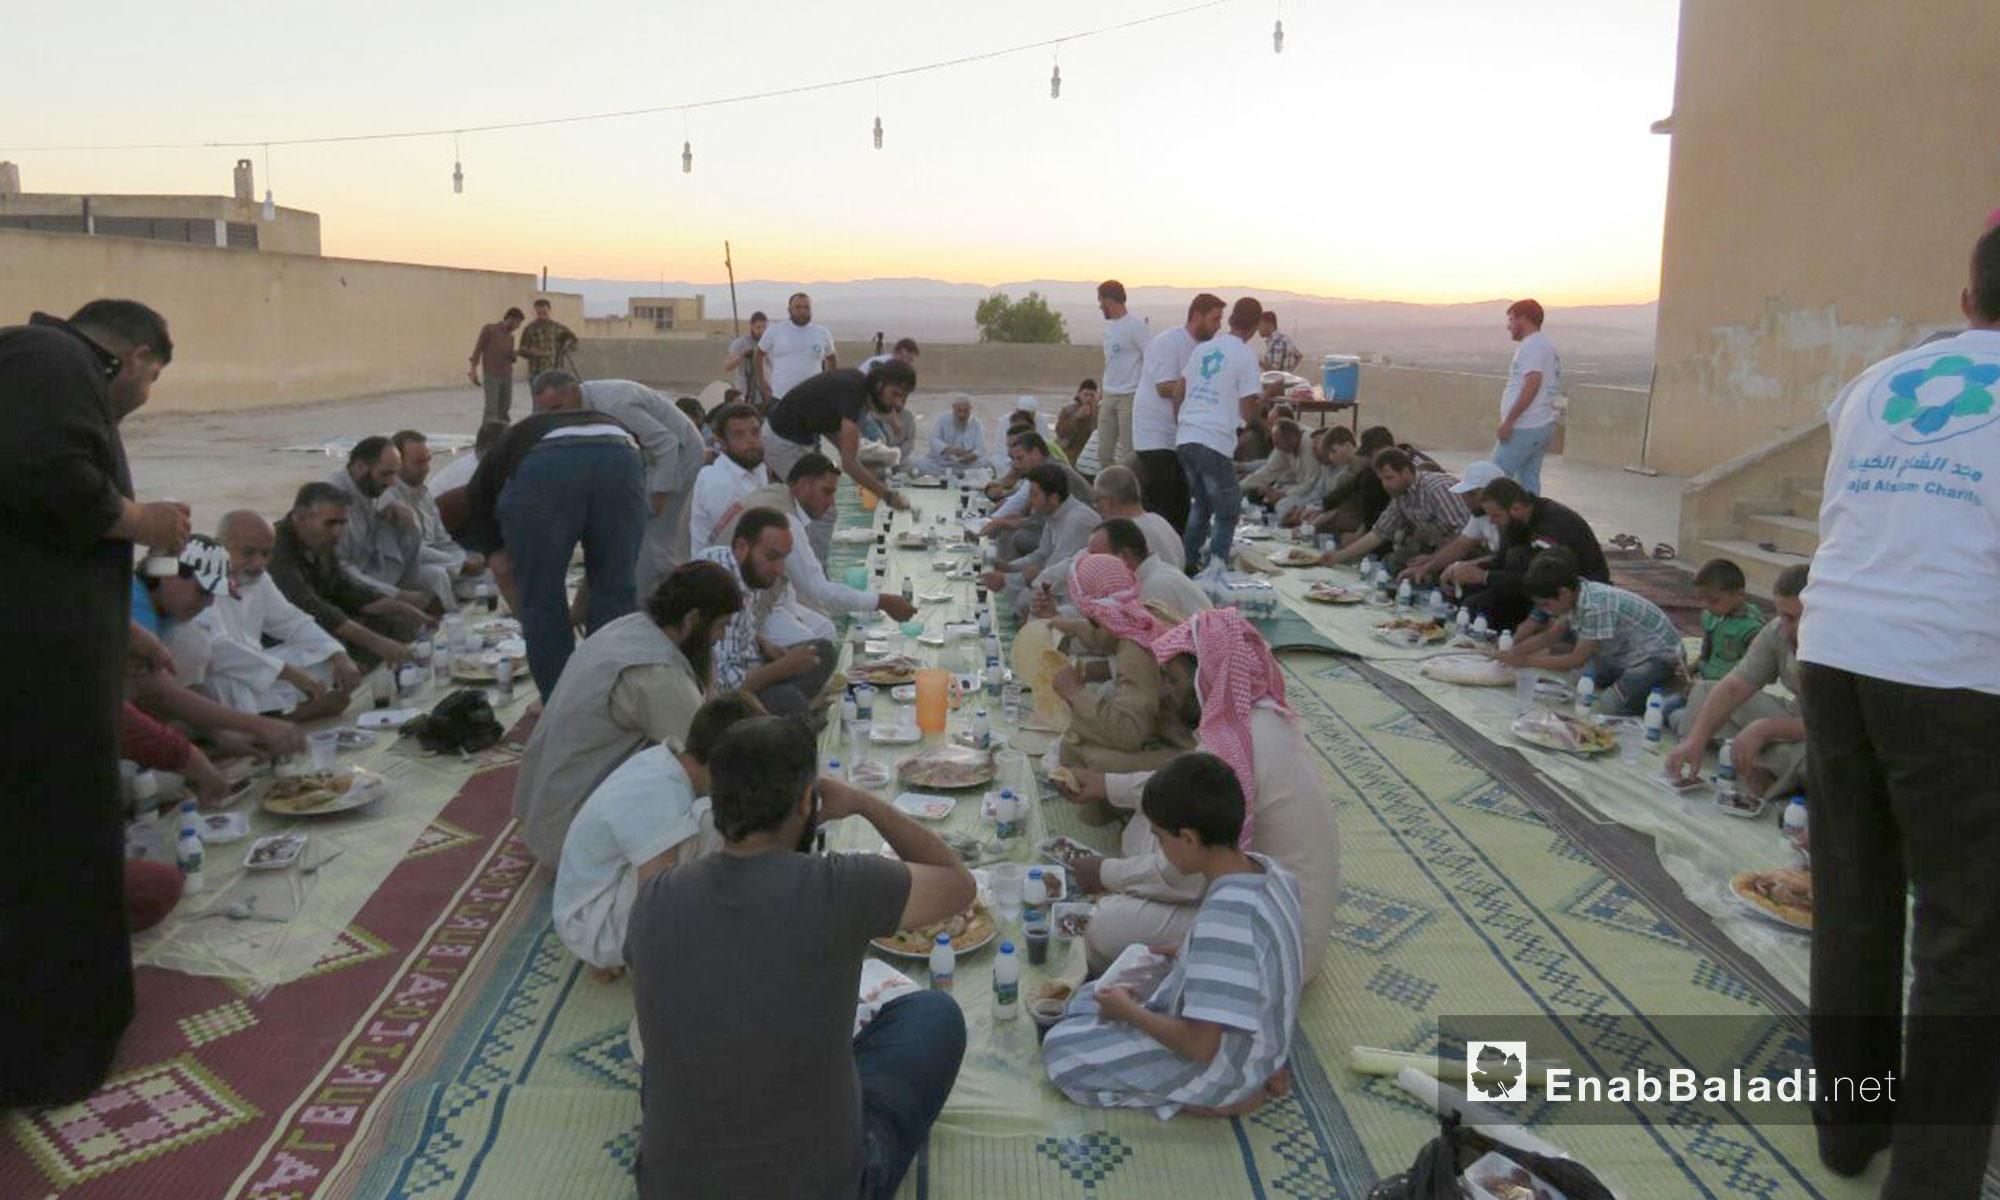 كما شارك الأهالي أولادهم طعام الإفطار الذي نظمته إدارة المدرسة